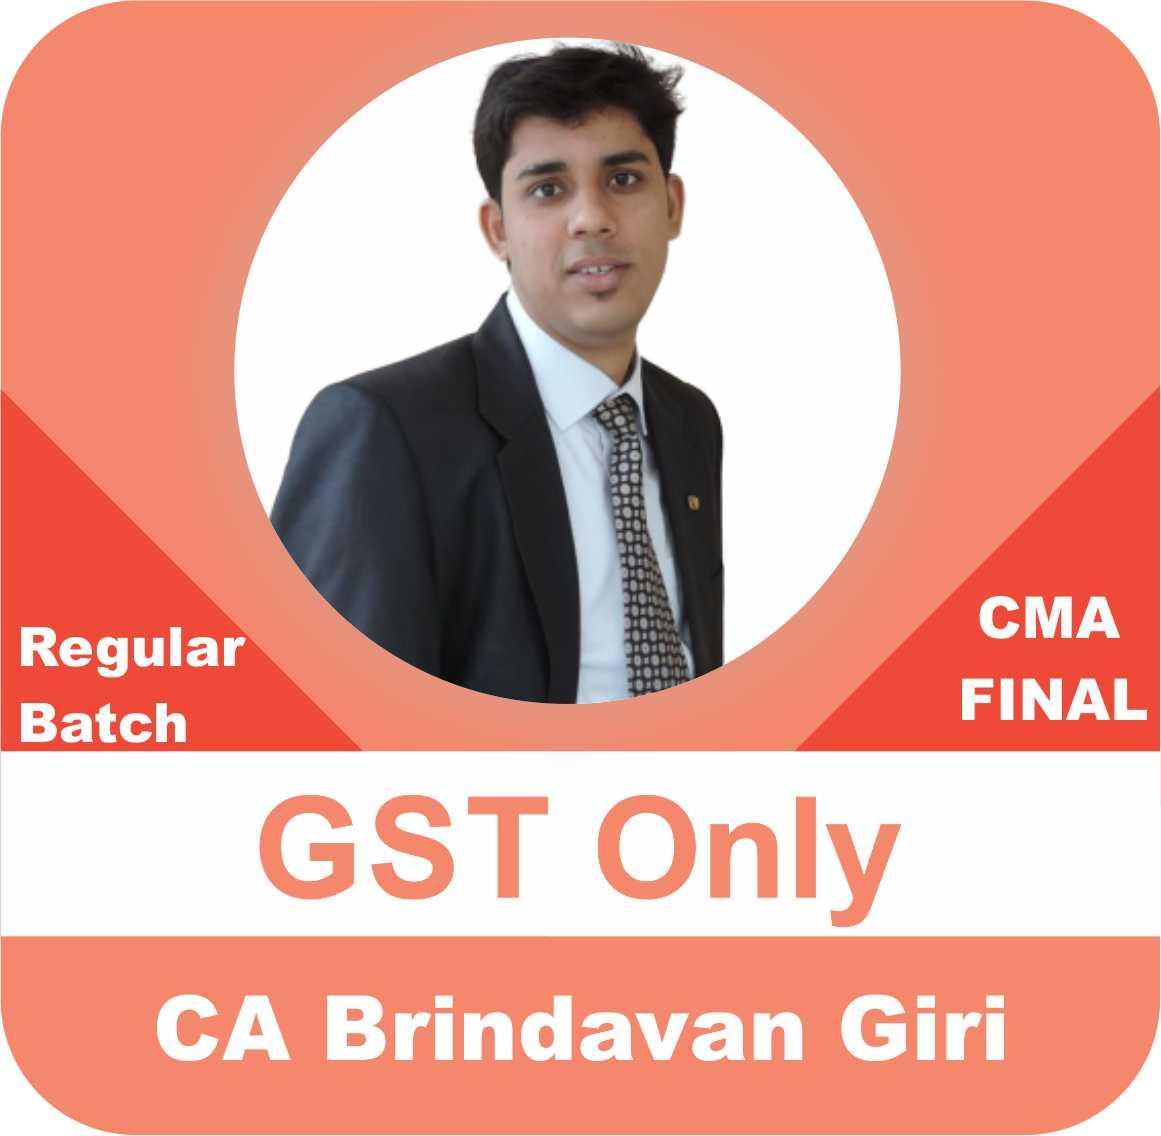 GST Only Regular Batch